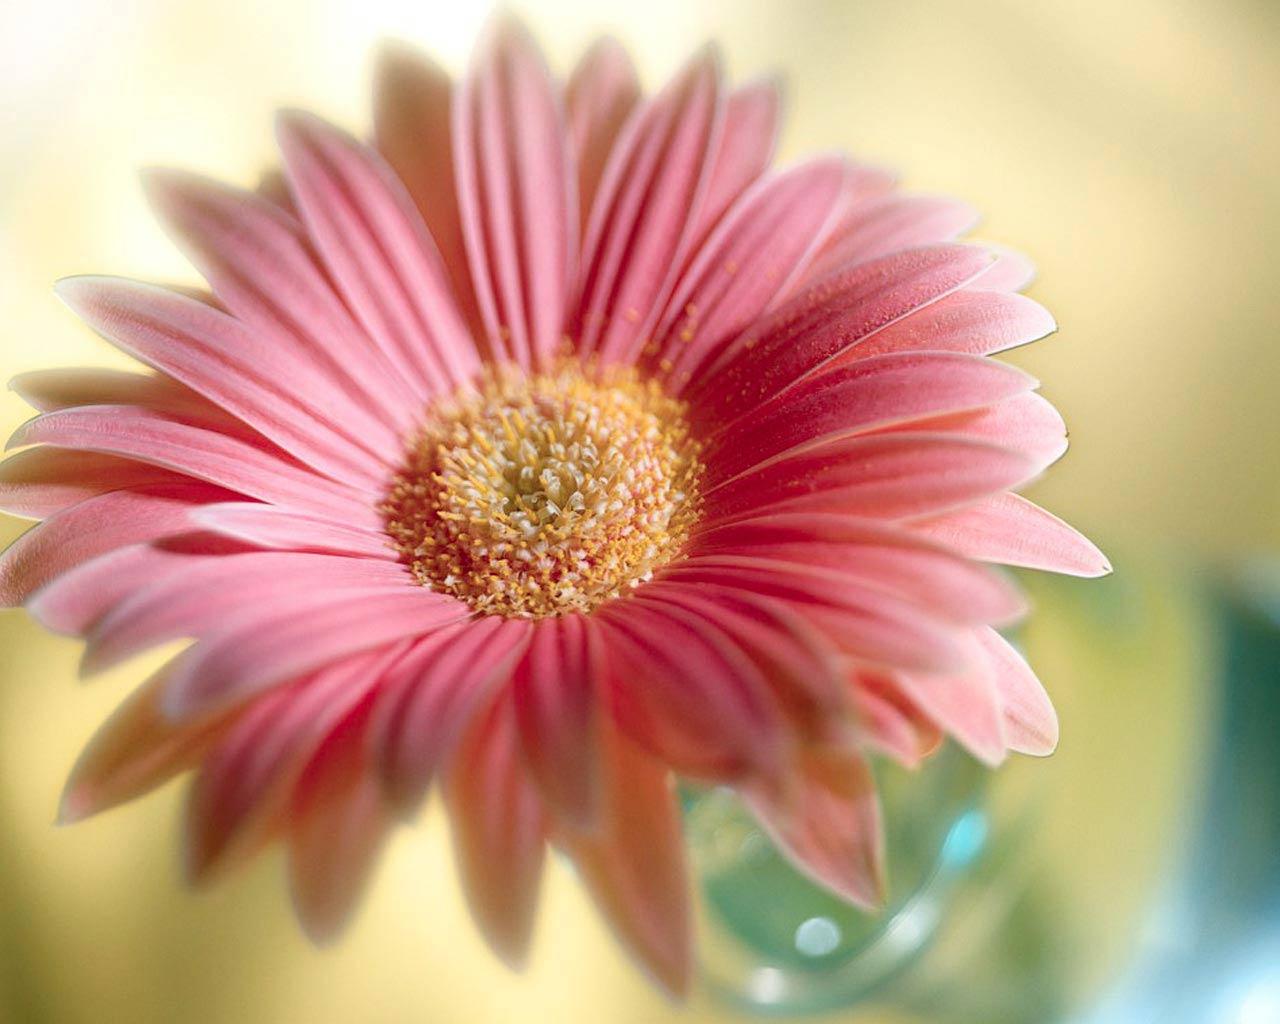 flowers for flower lovers Flowers wallpapers HD desktop 1280x1024